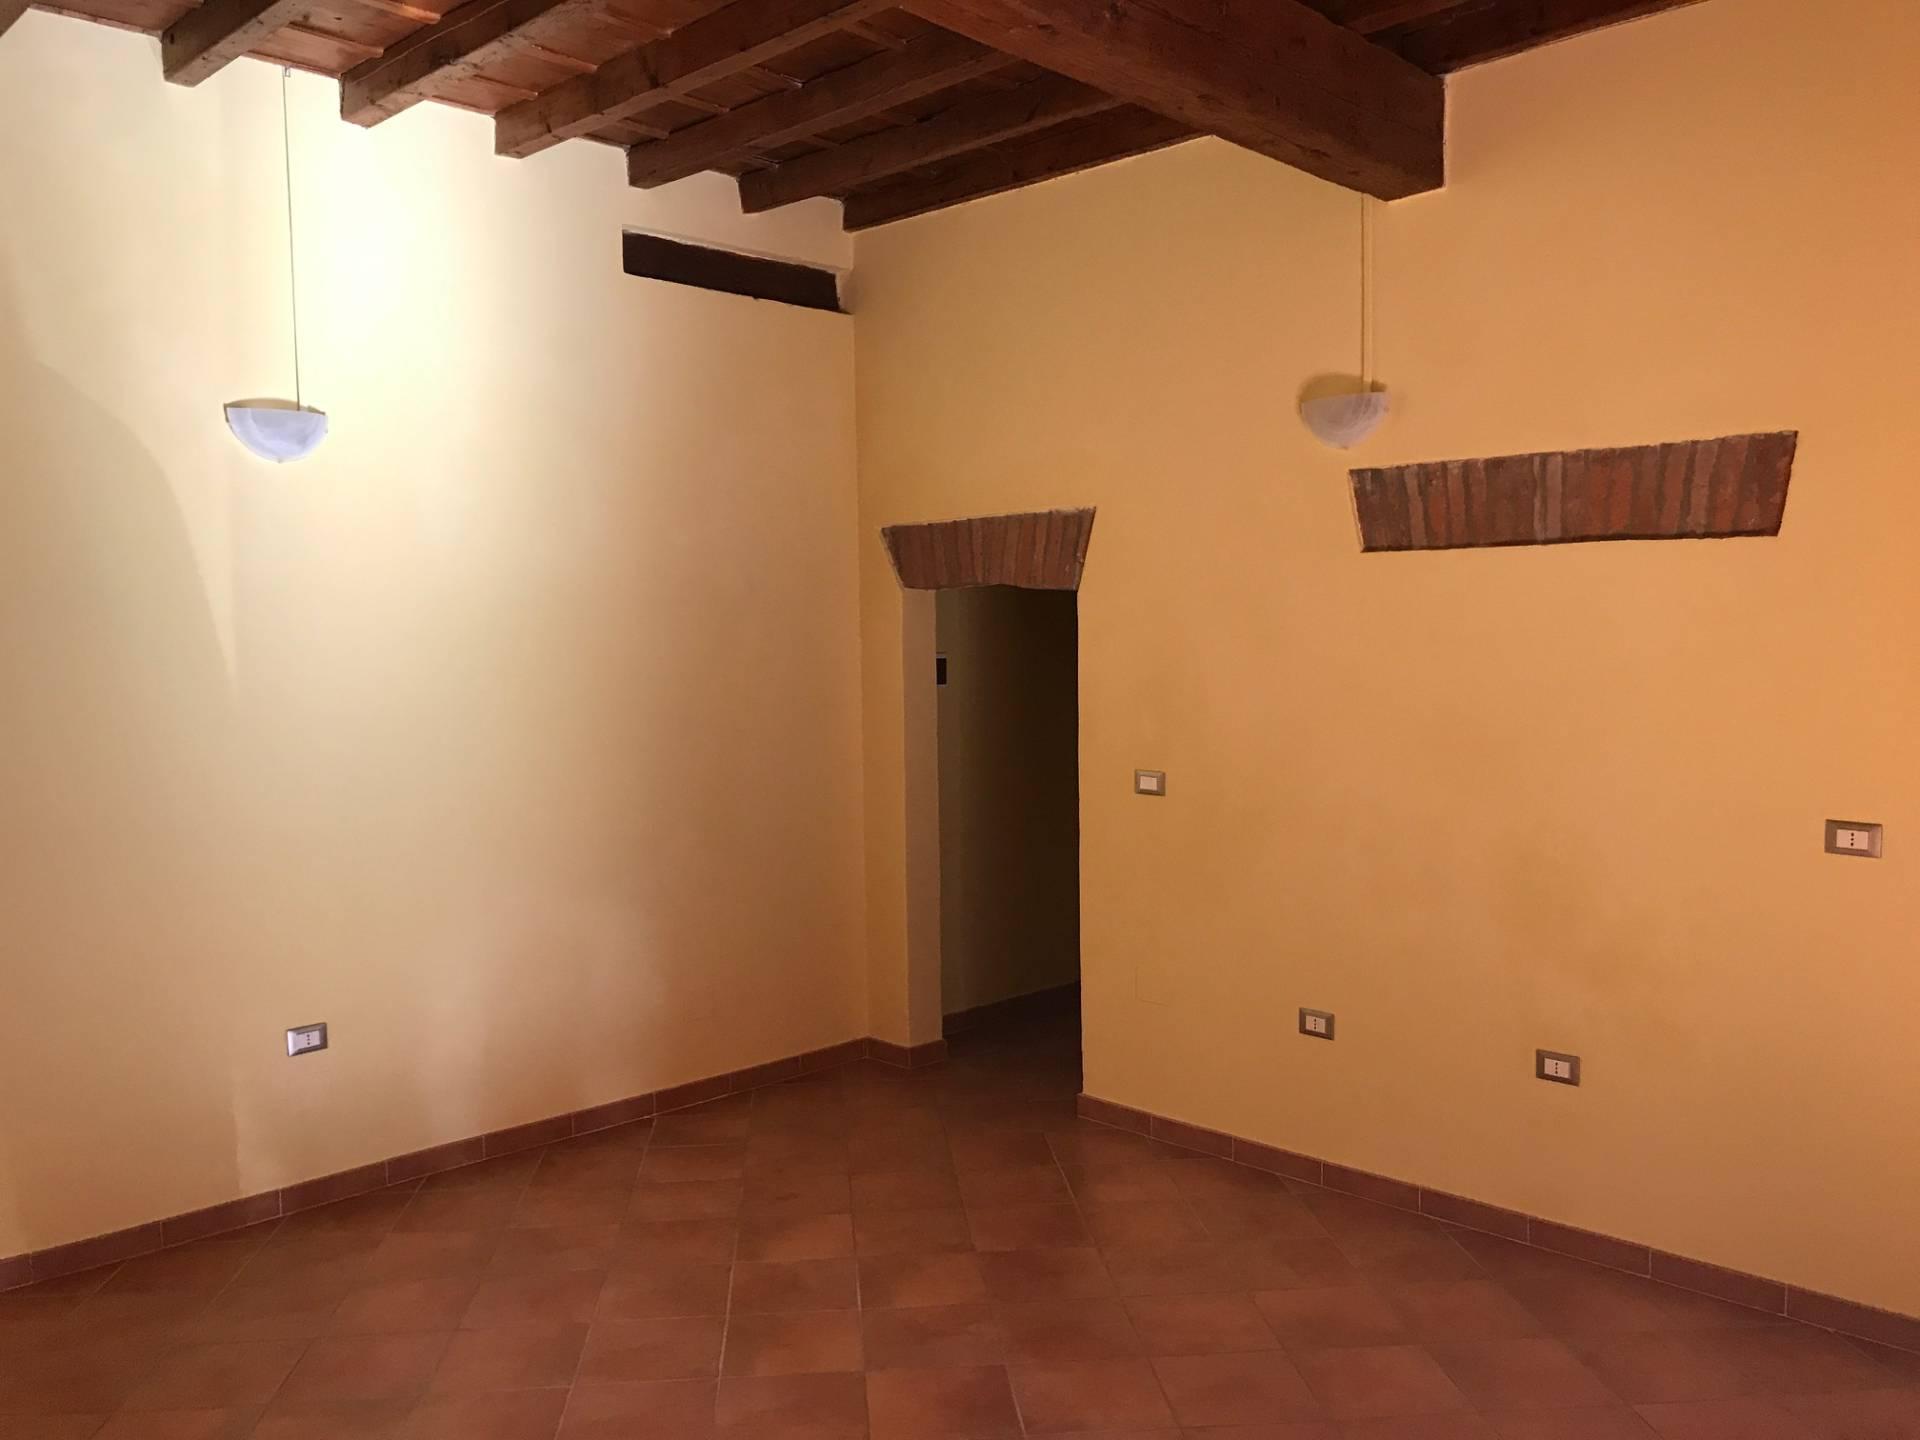 Negozio / Locale in affitto a Ferrara, 9999 locali, zona Località: Centrostorico, prezzo € 500 | Cambio Casa.it